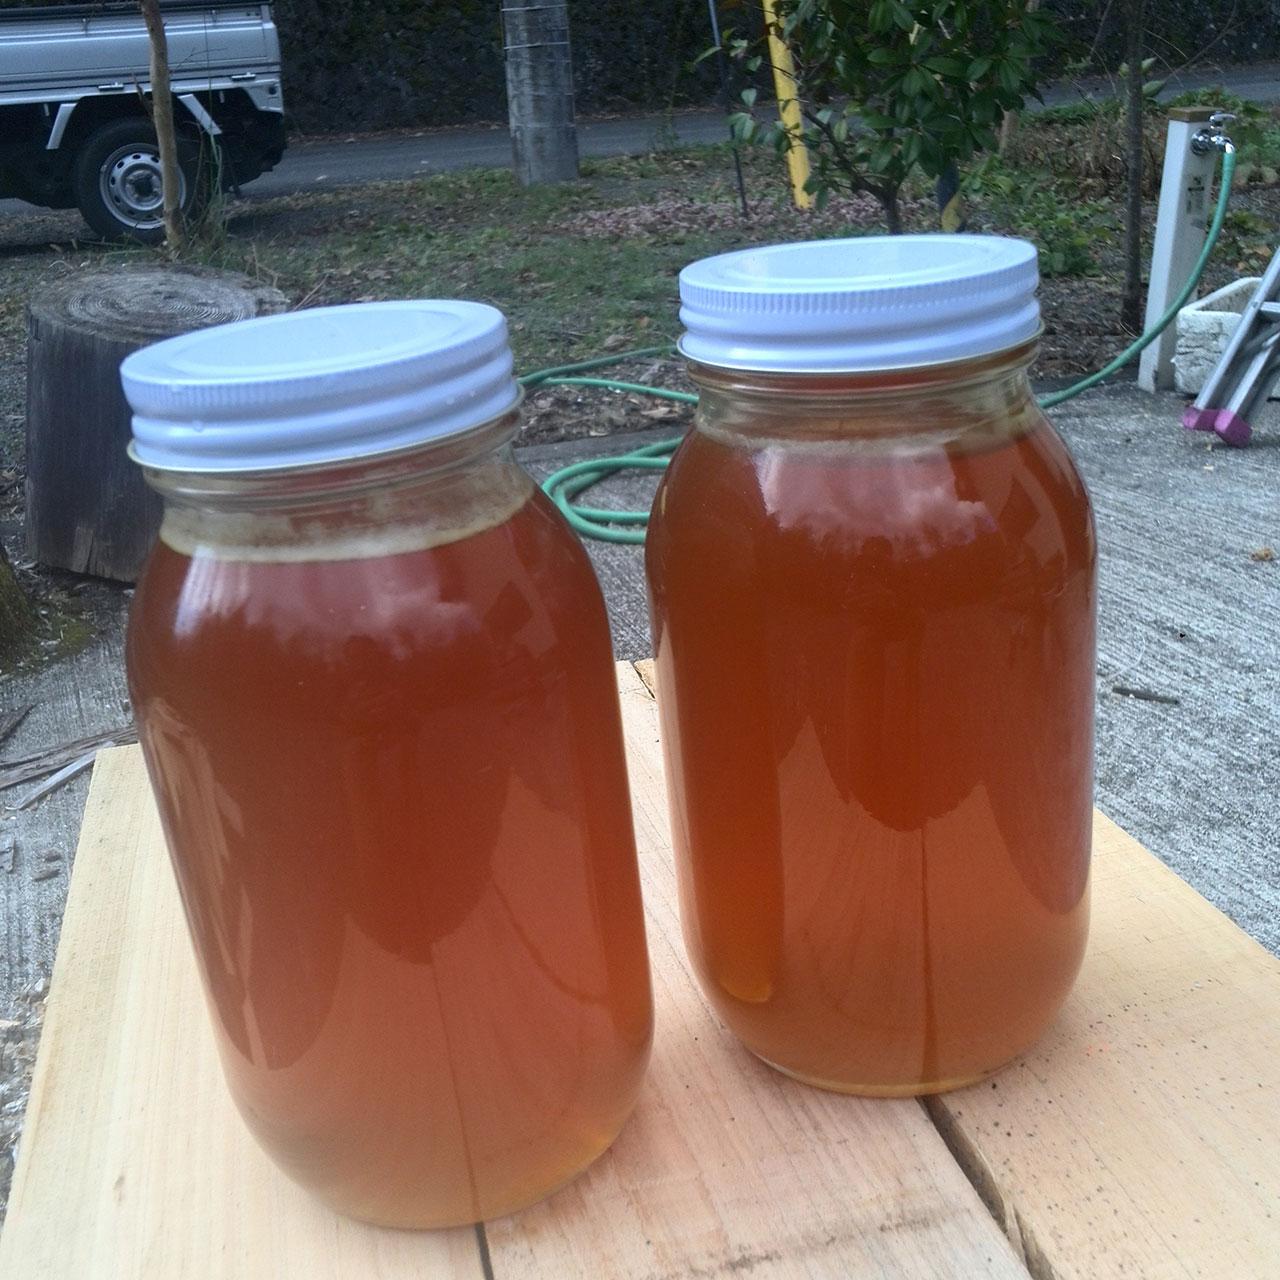 日本蜜蜂の純粋蜂蜜(天然はちみつ)・収穫直後・結晶化していない状態